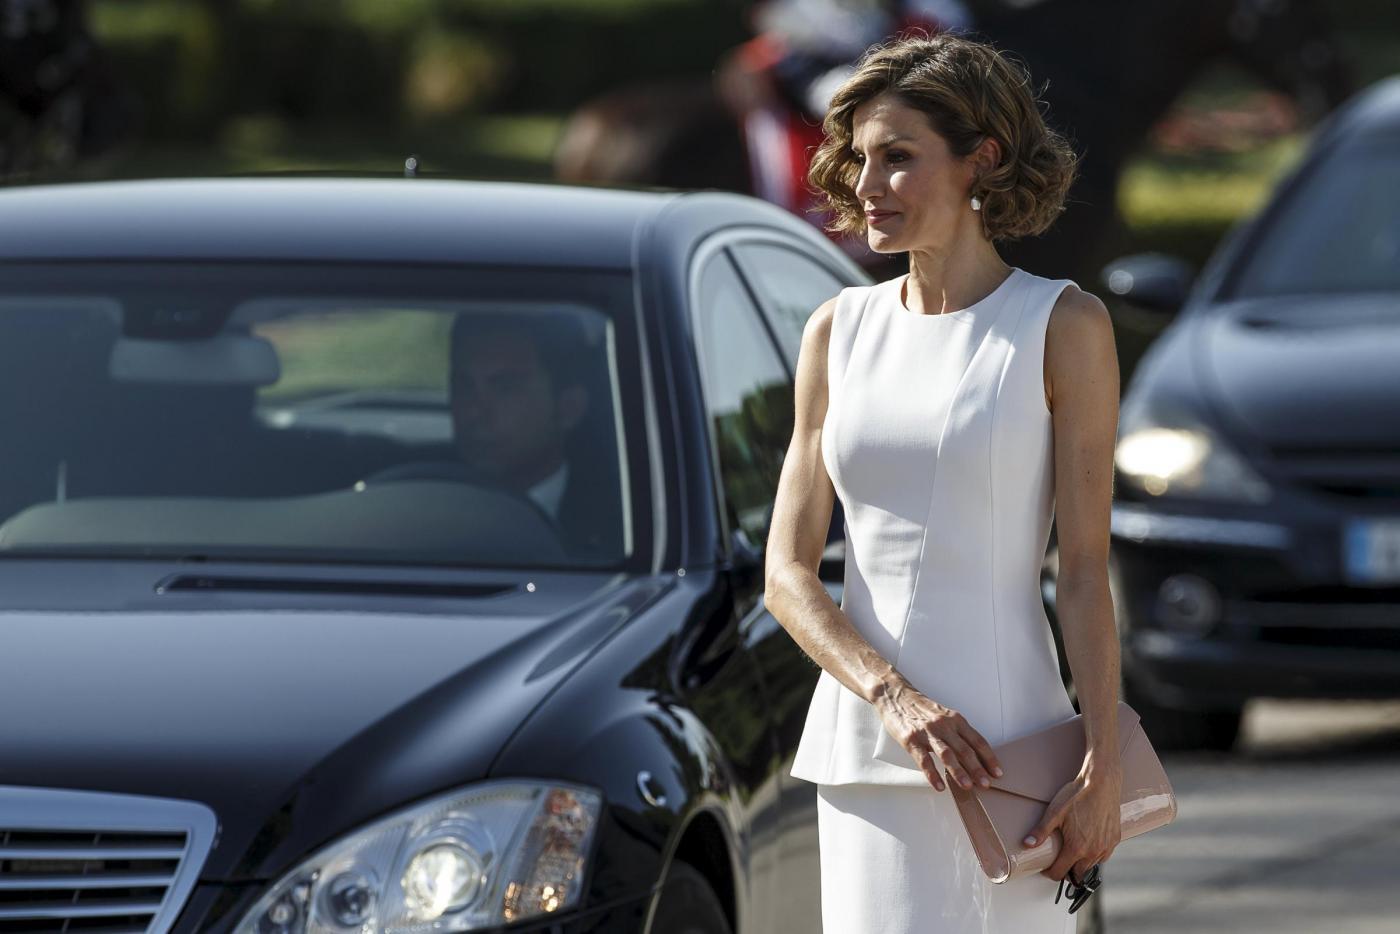 Letizia Ortiz di Spagna più sensuale che mai: tubino bianco e caschetto mosso FOTO